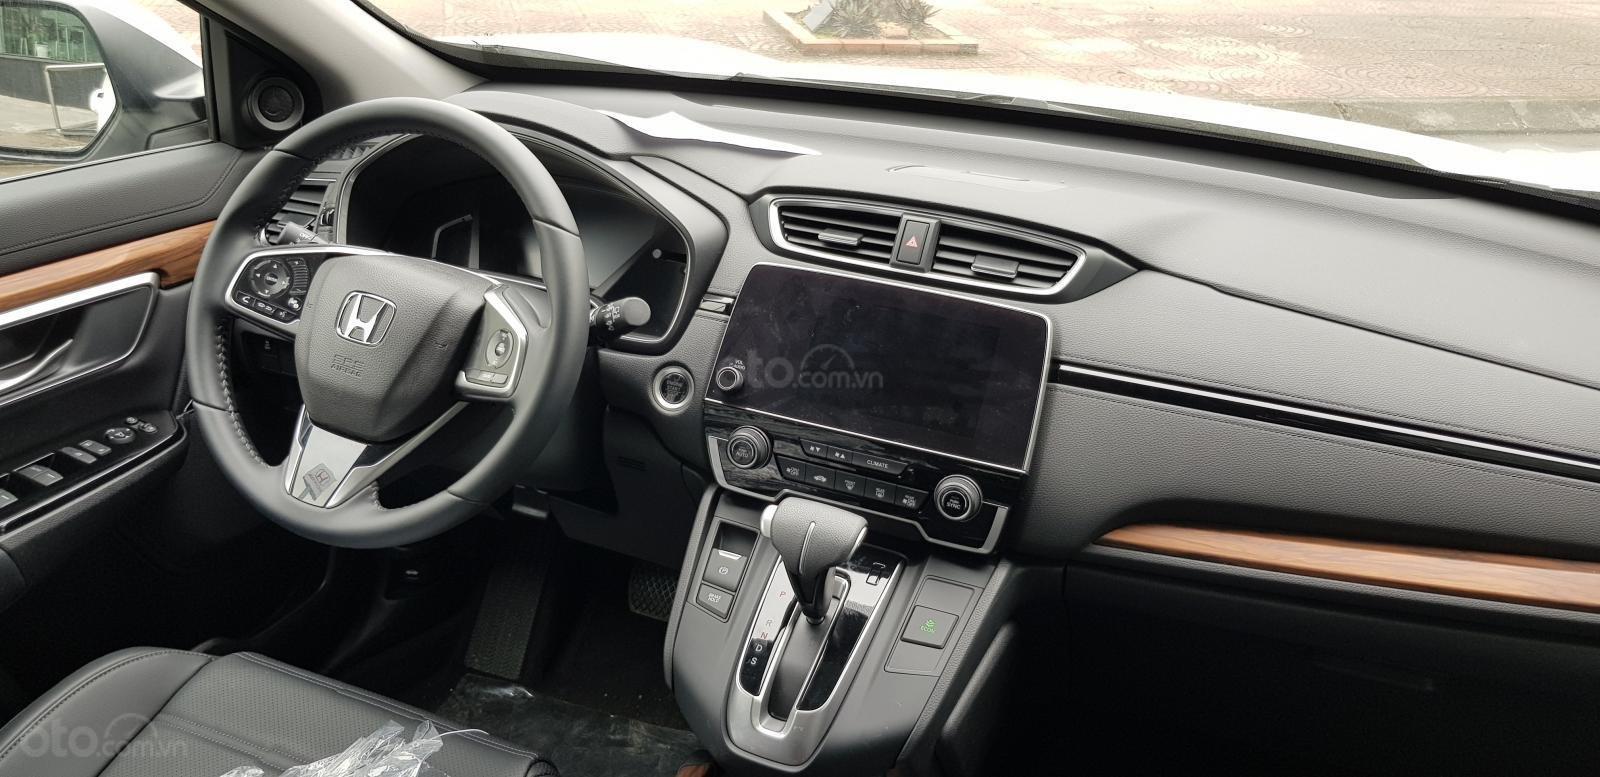 [Honda ô tô Hải Phòng] bán xe Honda CR-V 1.5G - Giá tốt nhất - Hotline: 094.964.1093 (9)